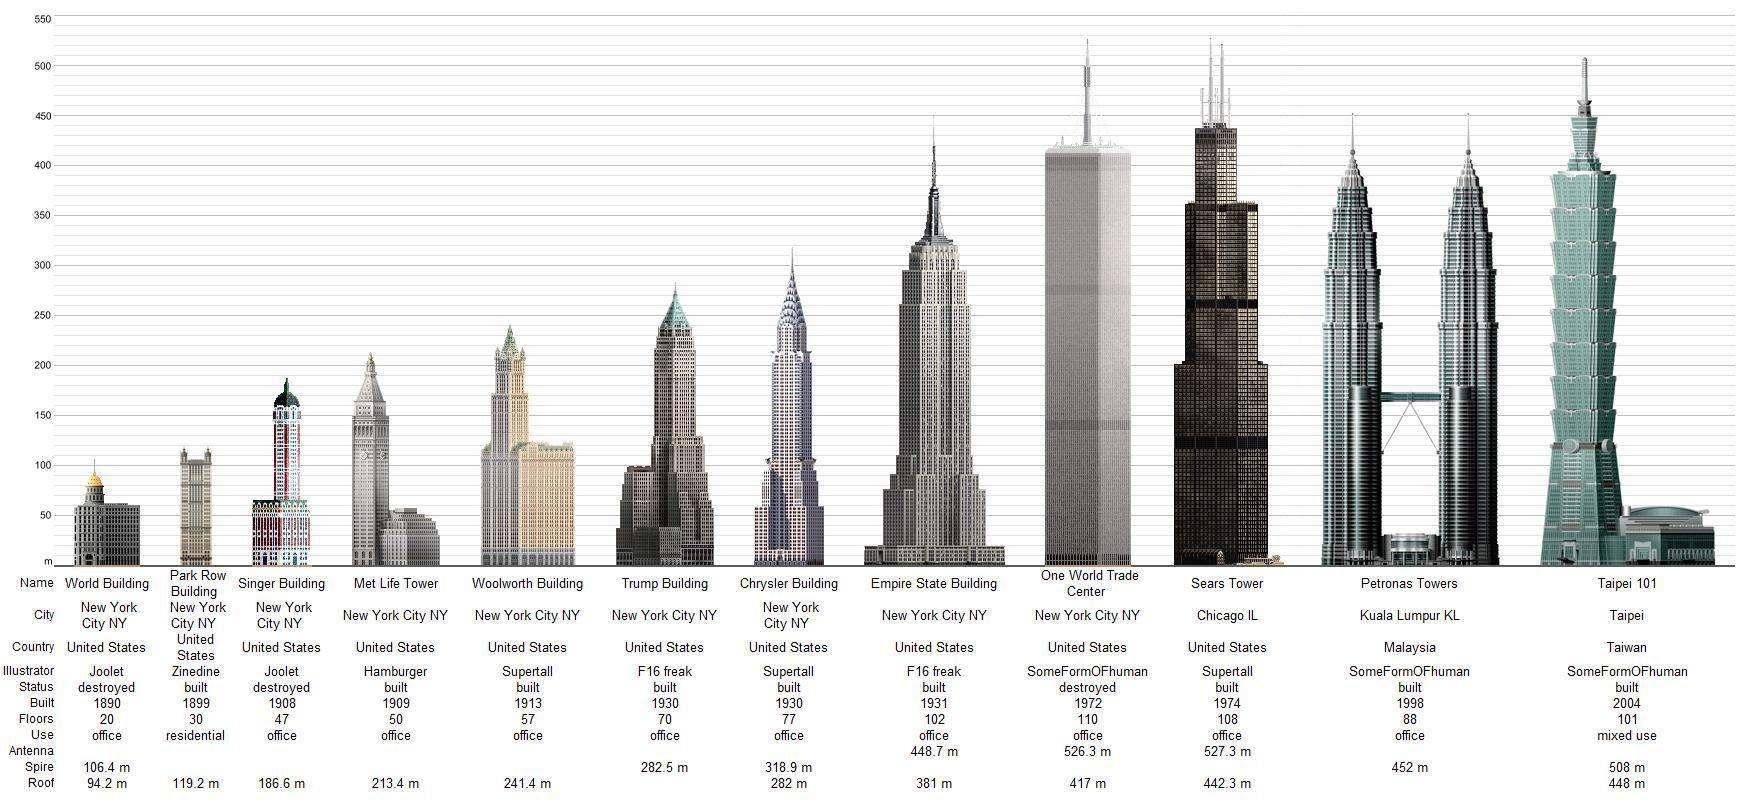 la construccin urbana edificios mas altos del mundo comparacion